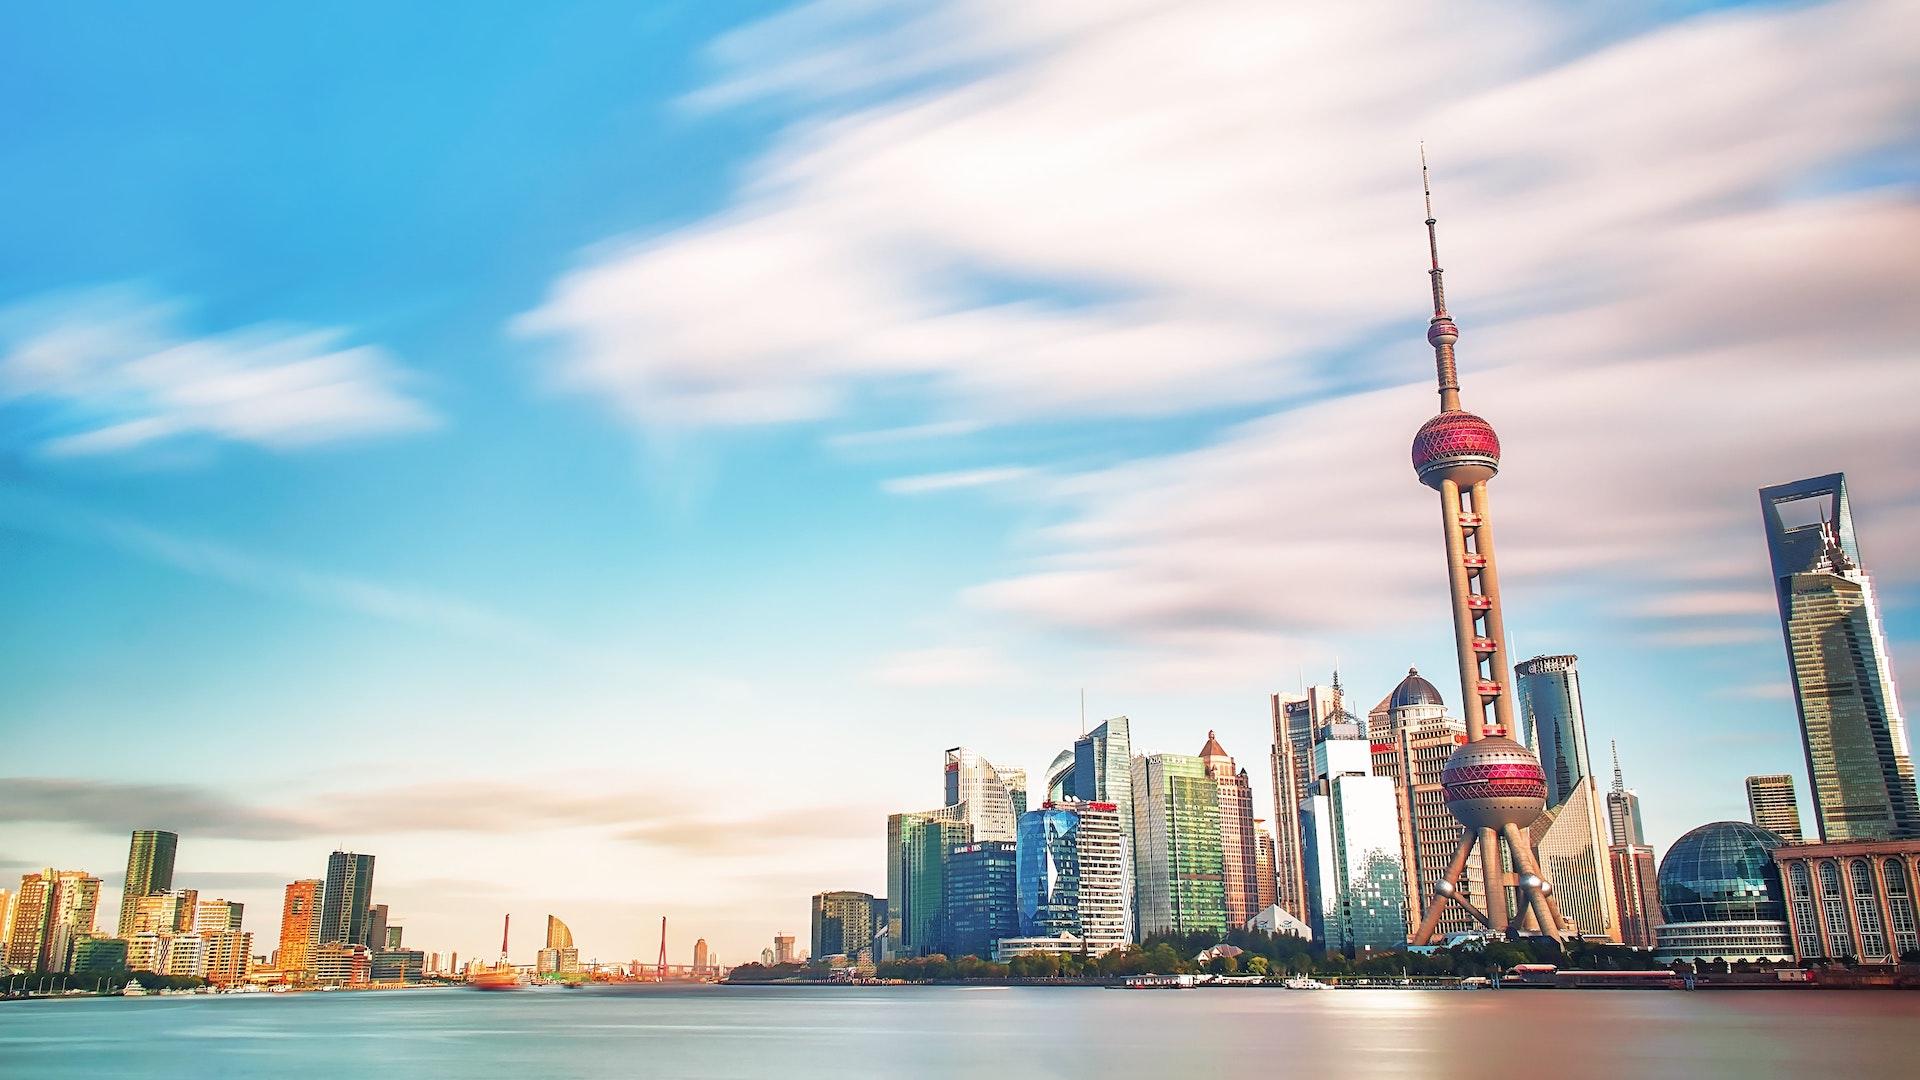 Viajar a China sin visa es posible: ¿cómo es el trámite?